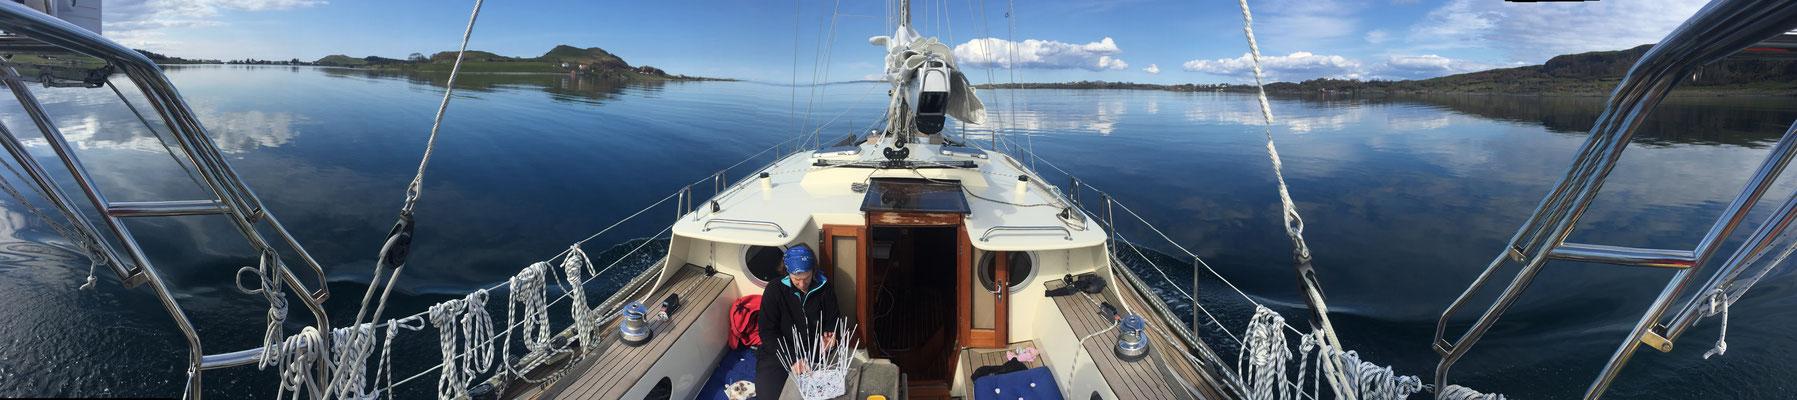 Bootsleben bei Flaute